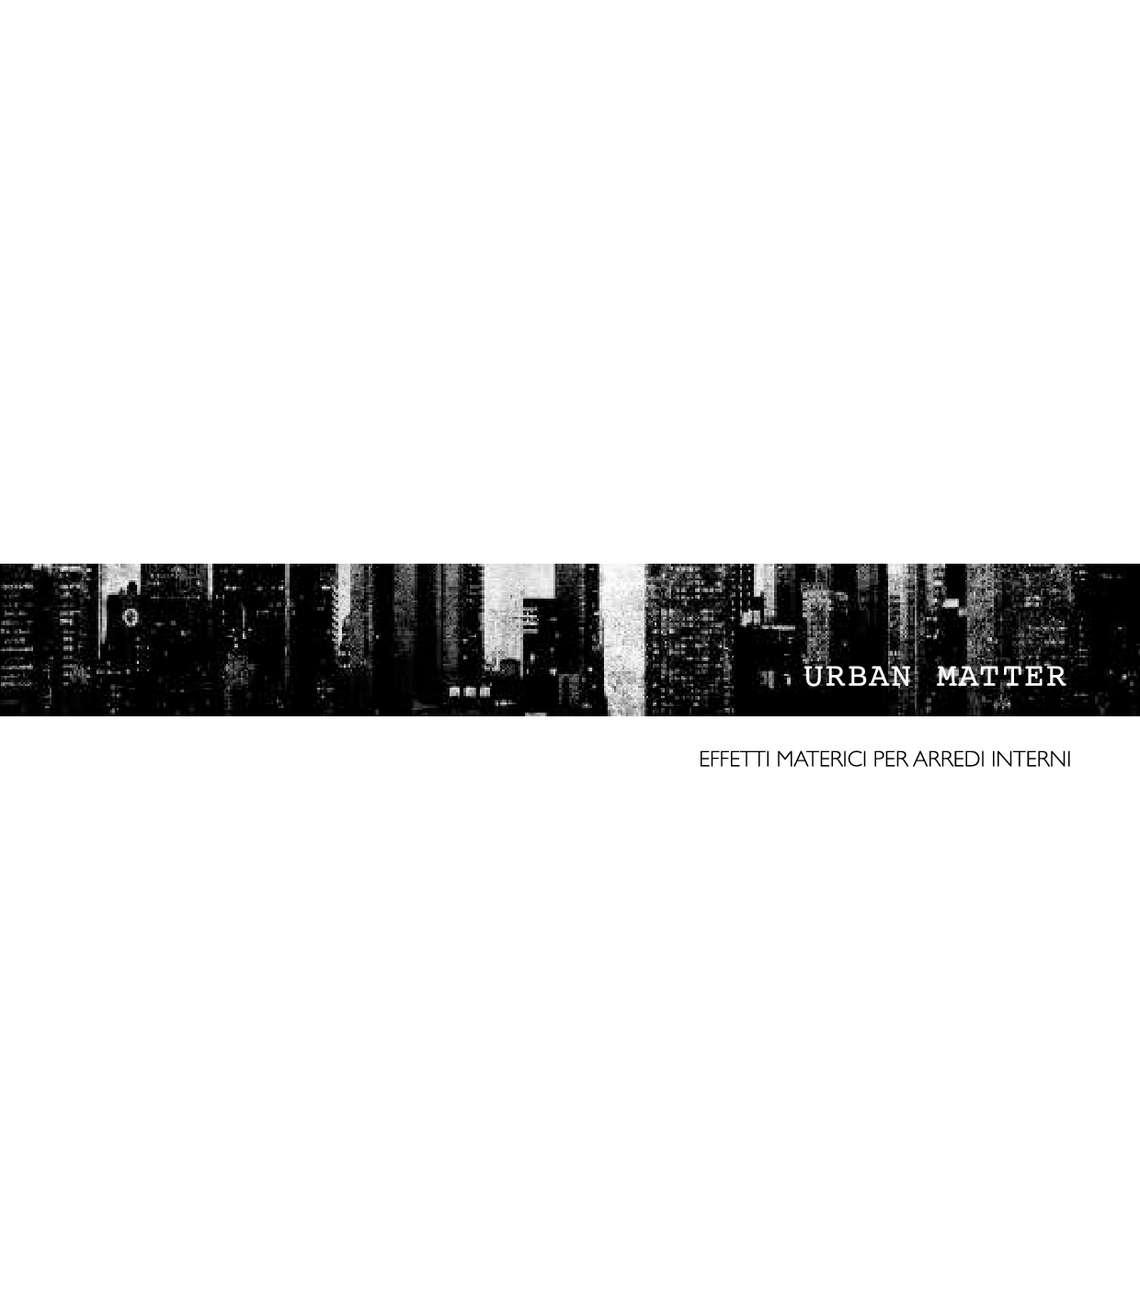 urban-matter---effetti-materici-per-arredi-interni_166_002.jpg